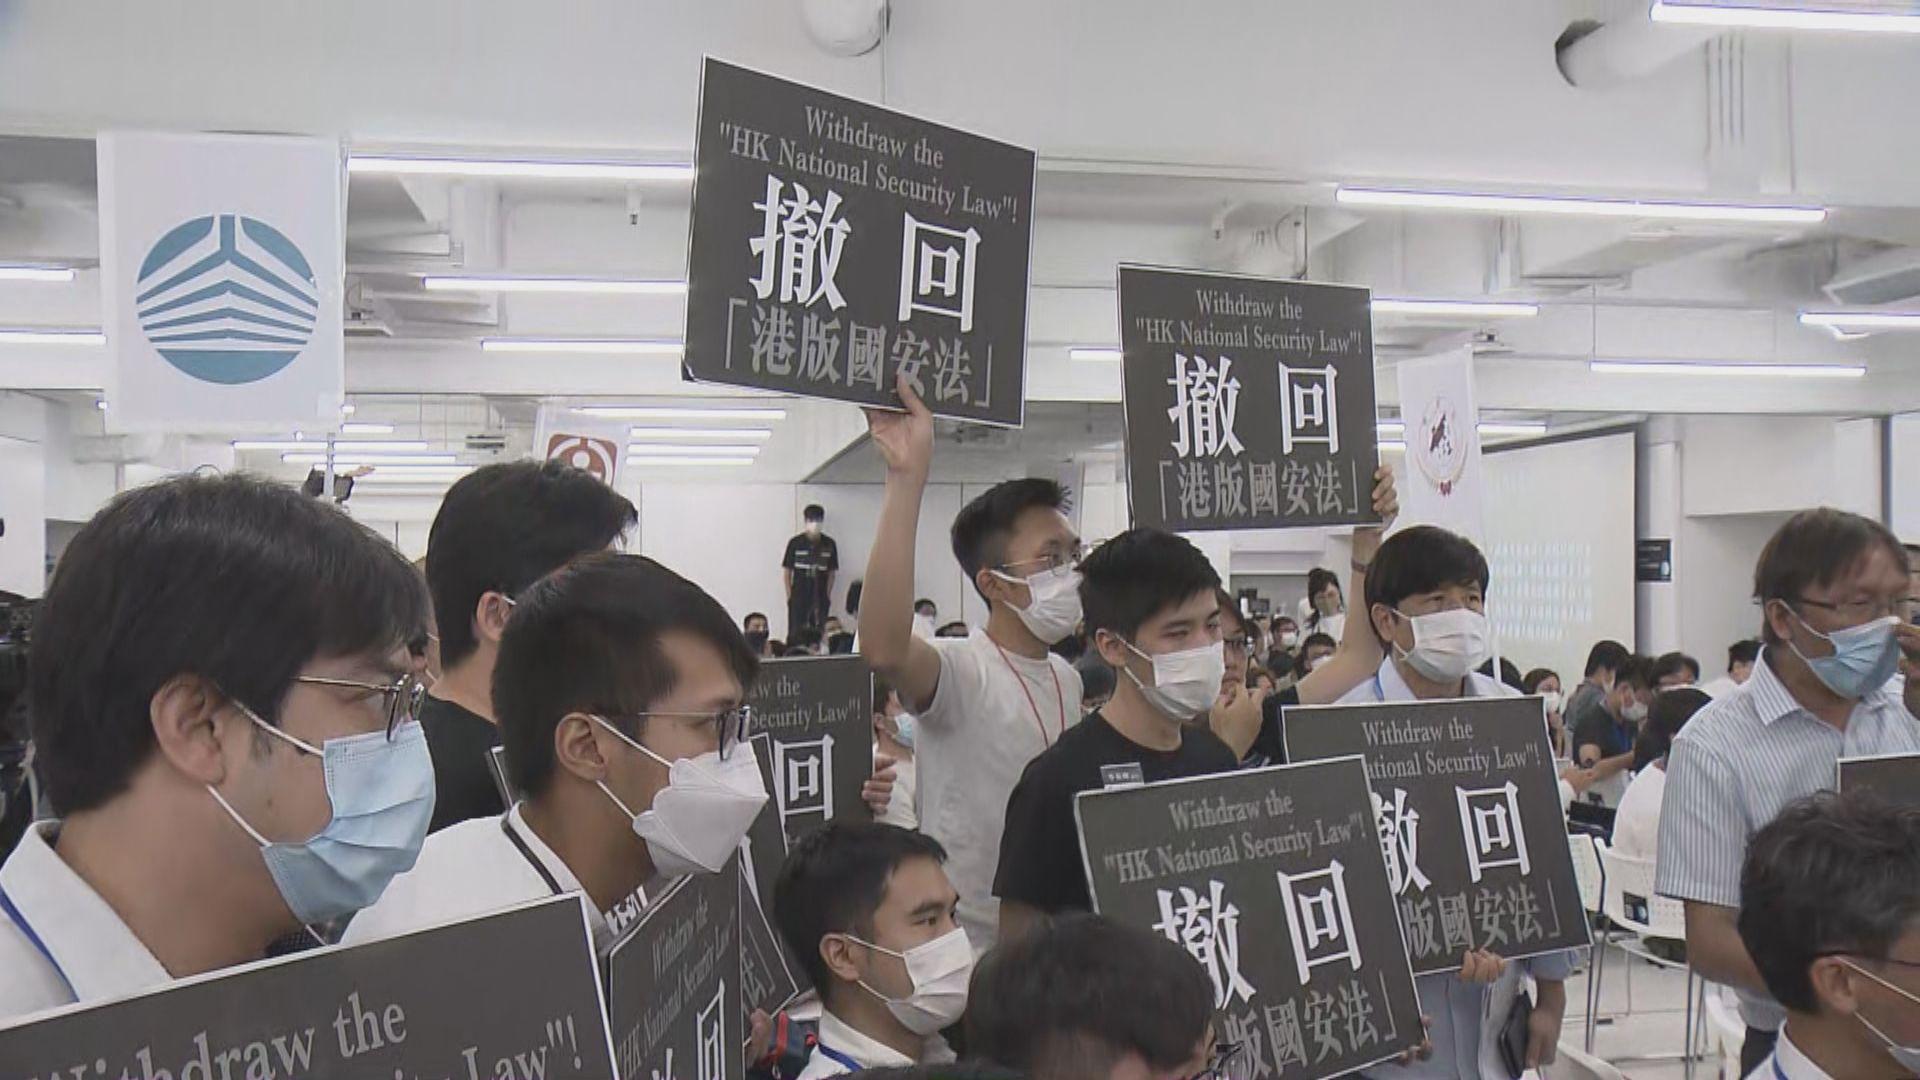 十七區民主派區議員要求撤回港區國安法立法